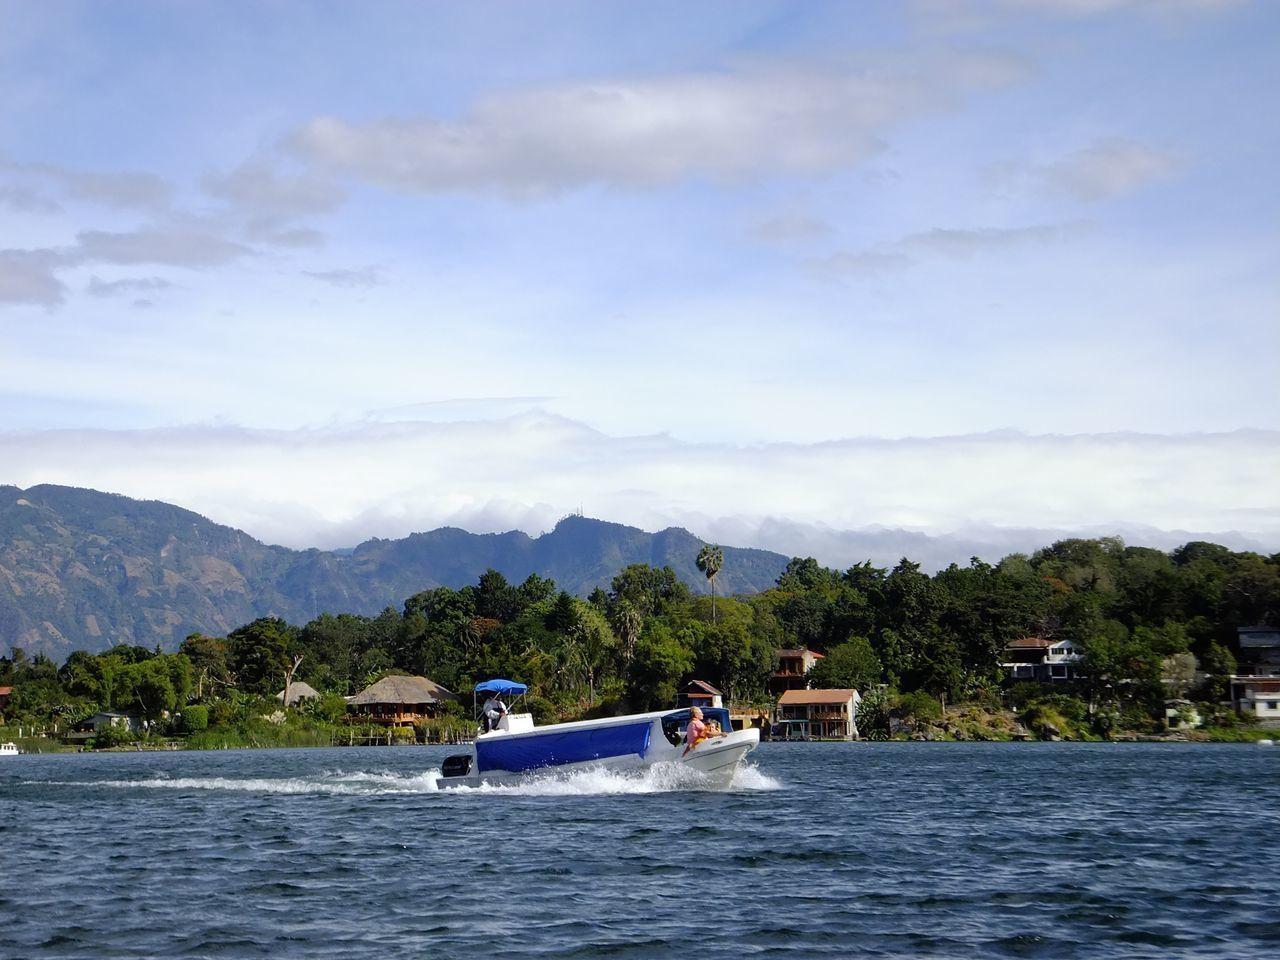 Rendez-vous chez les tisseurs et tisseuses de Santiago au Guatemala